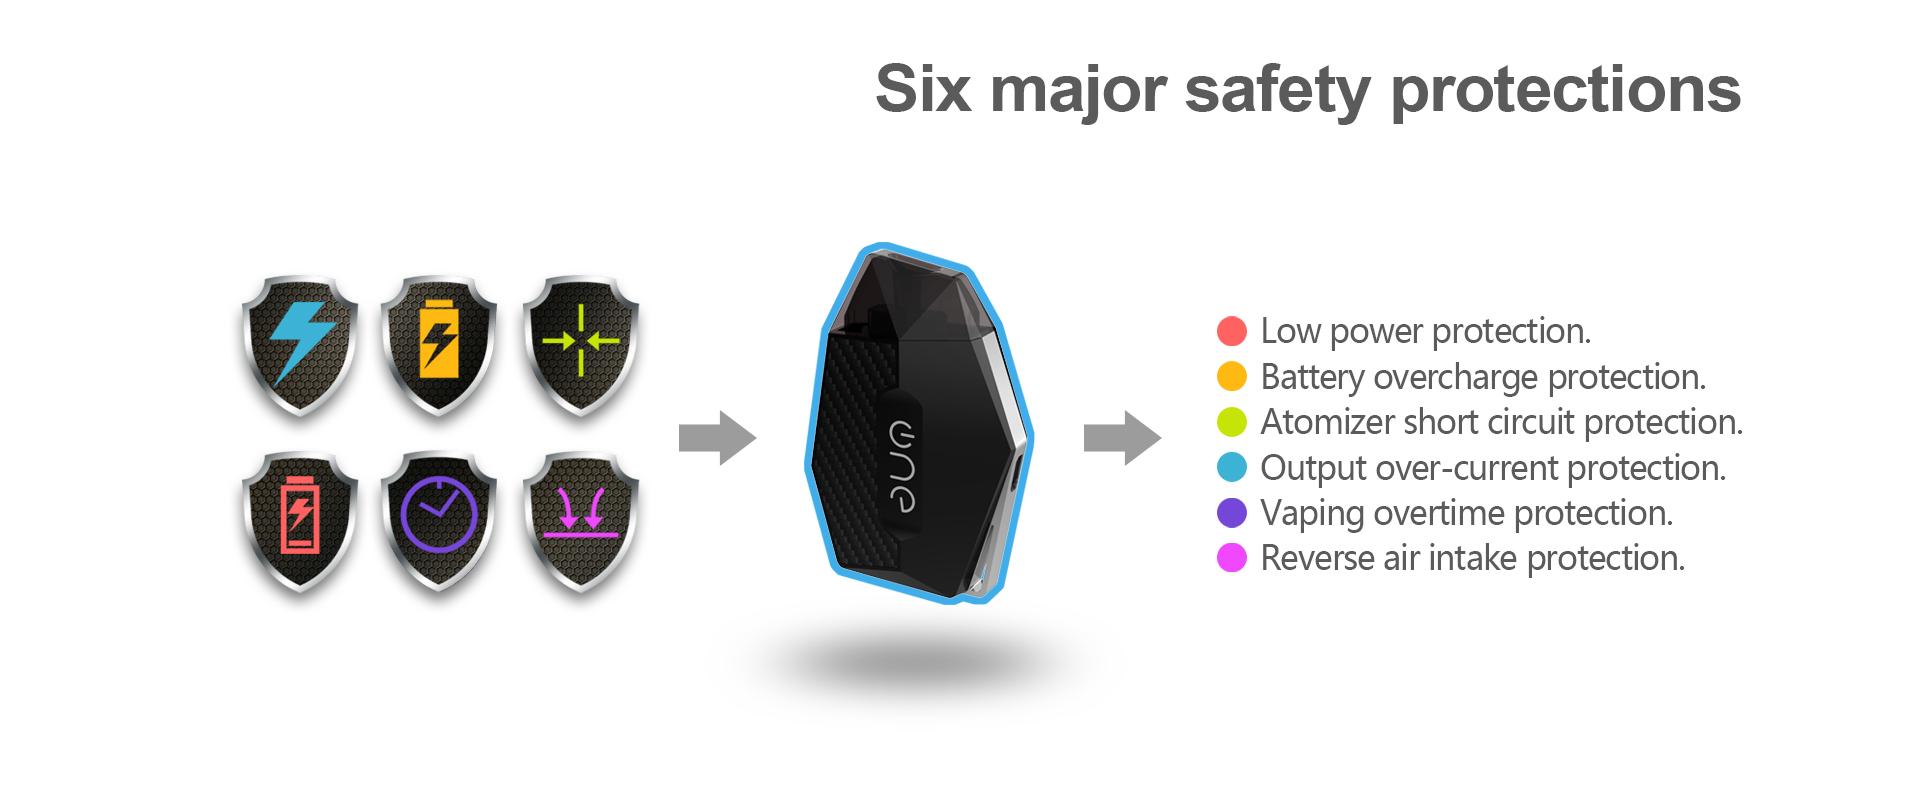 Kit Lambo Pod - 360 mAh - 2 ml - One Vape - 6 protections différentes